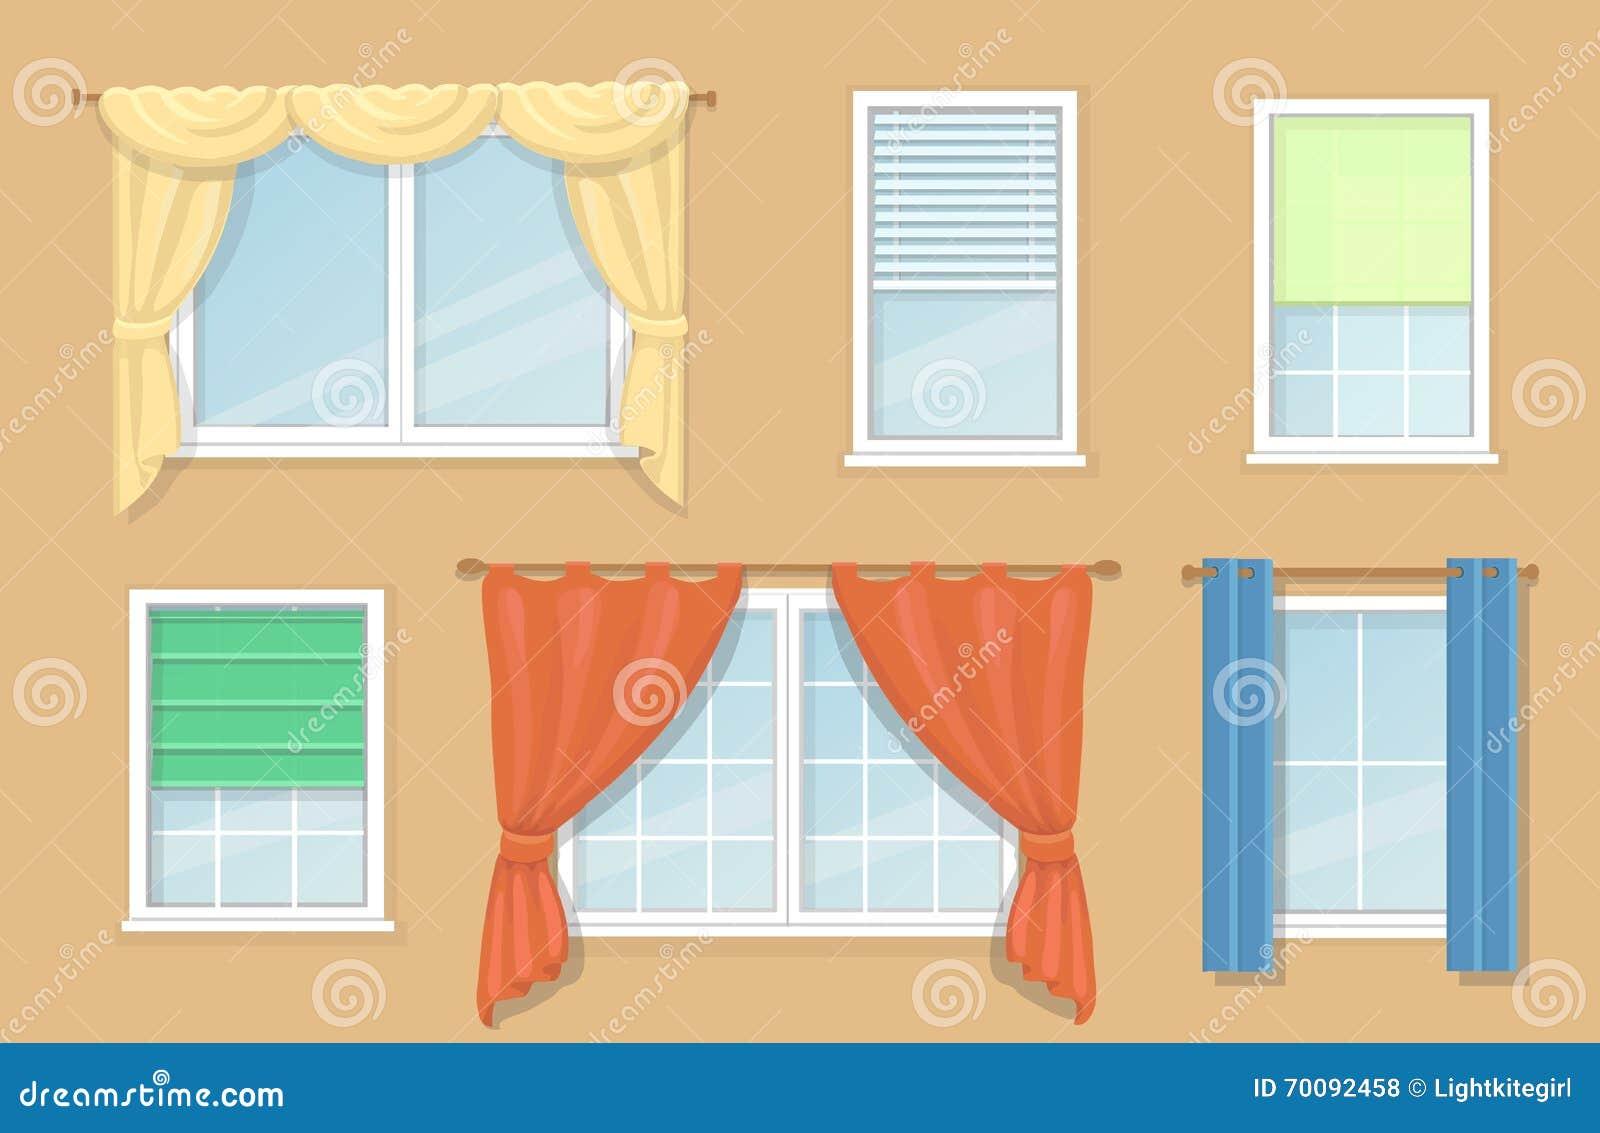 Illustrazione delle opzioni di progettazione e tipi di tende di finestre illustrazione - Tipi di finestre ...